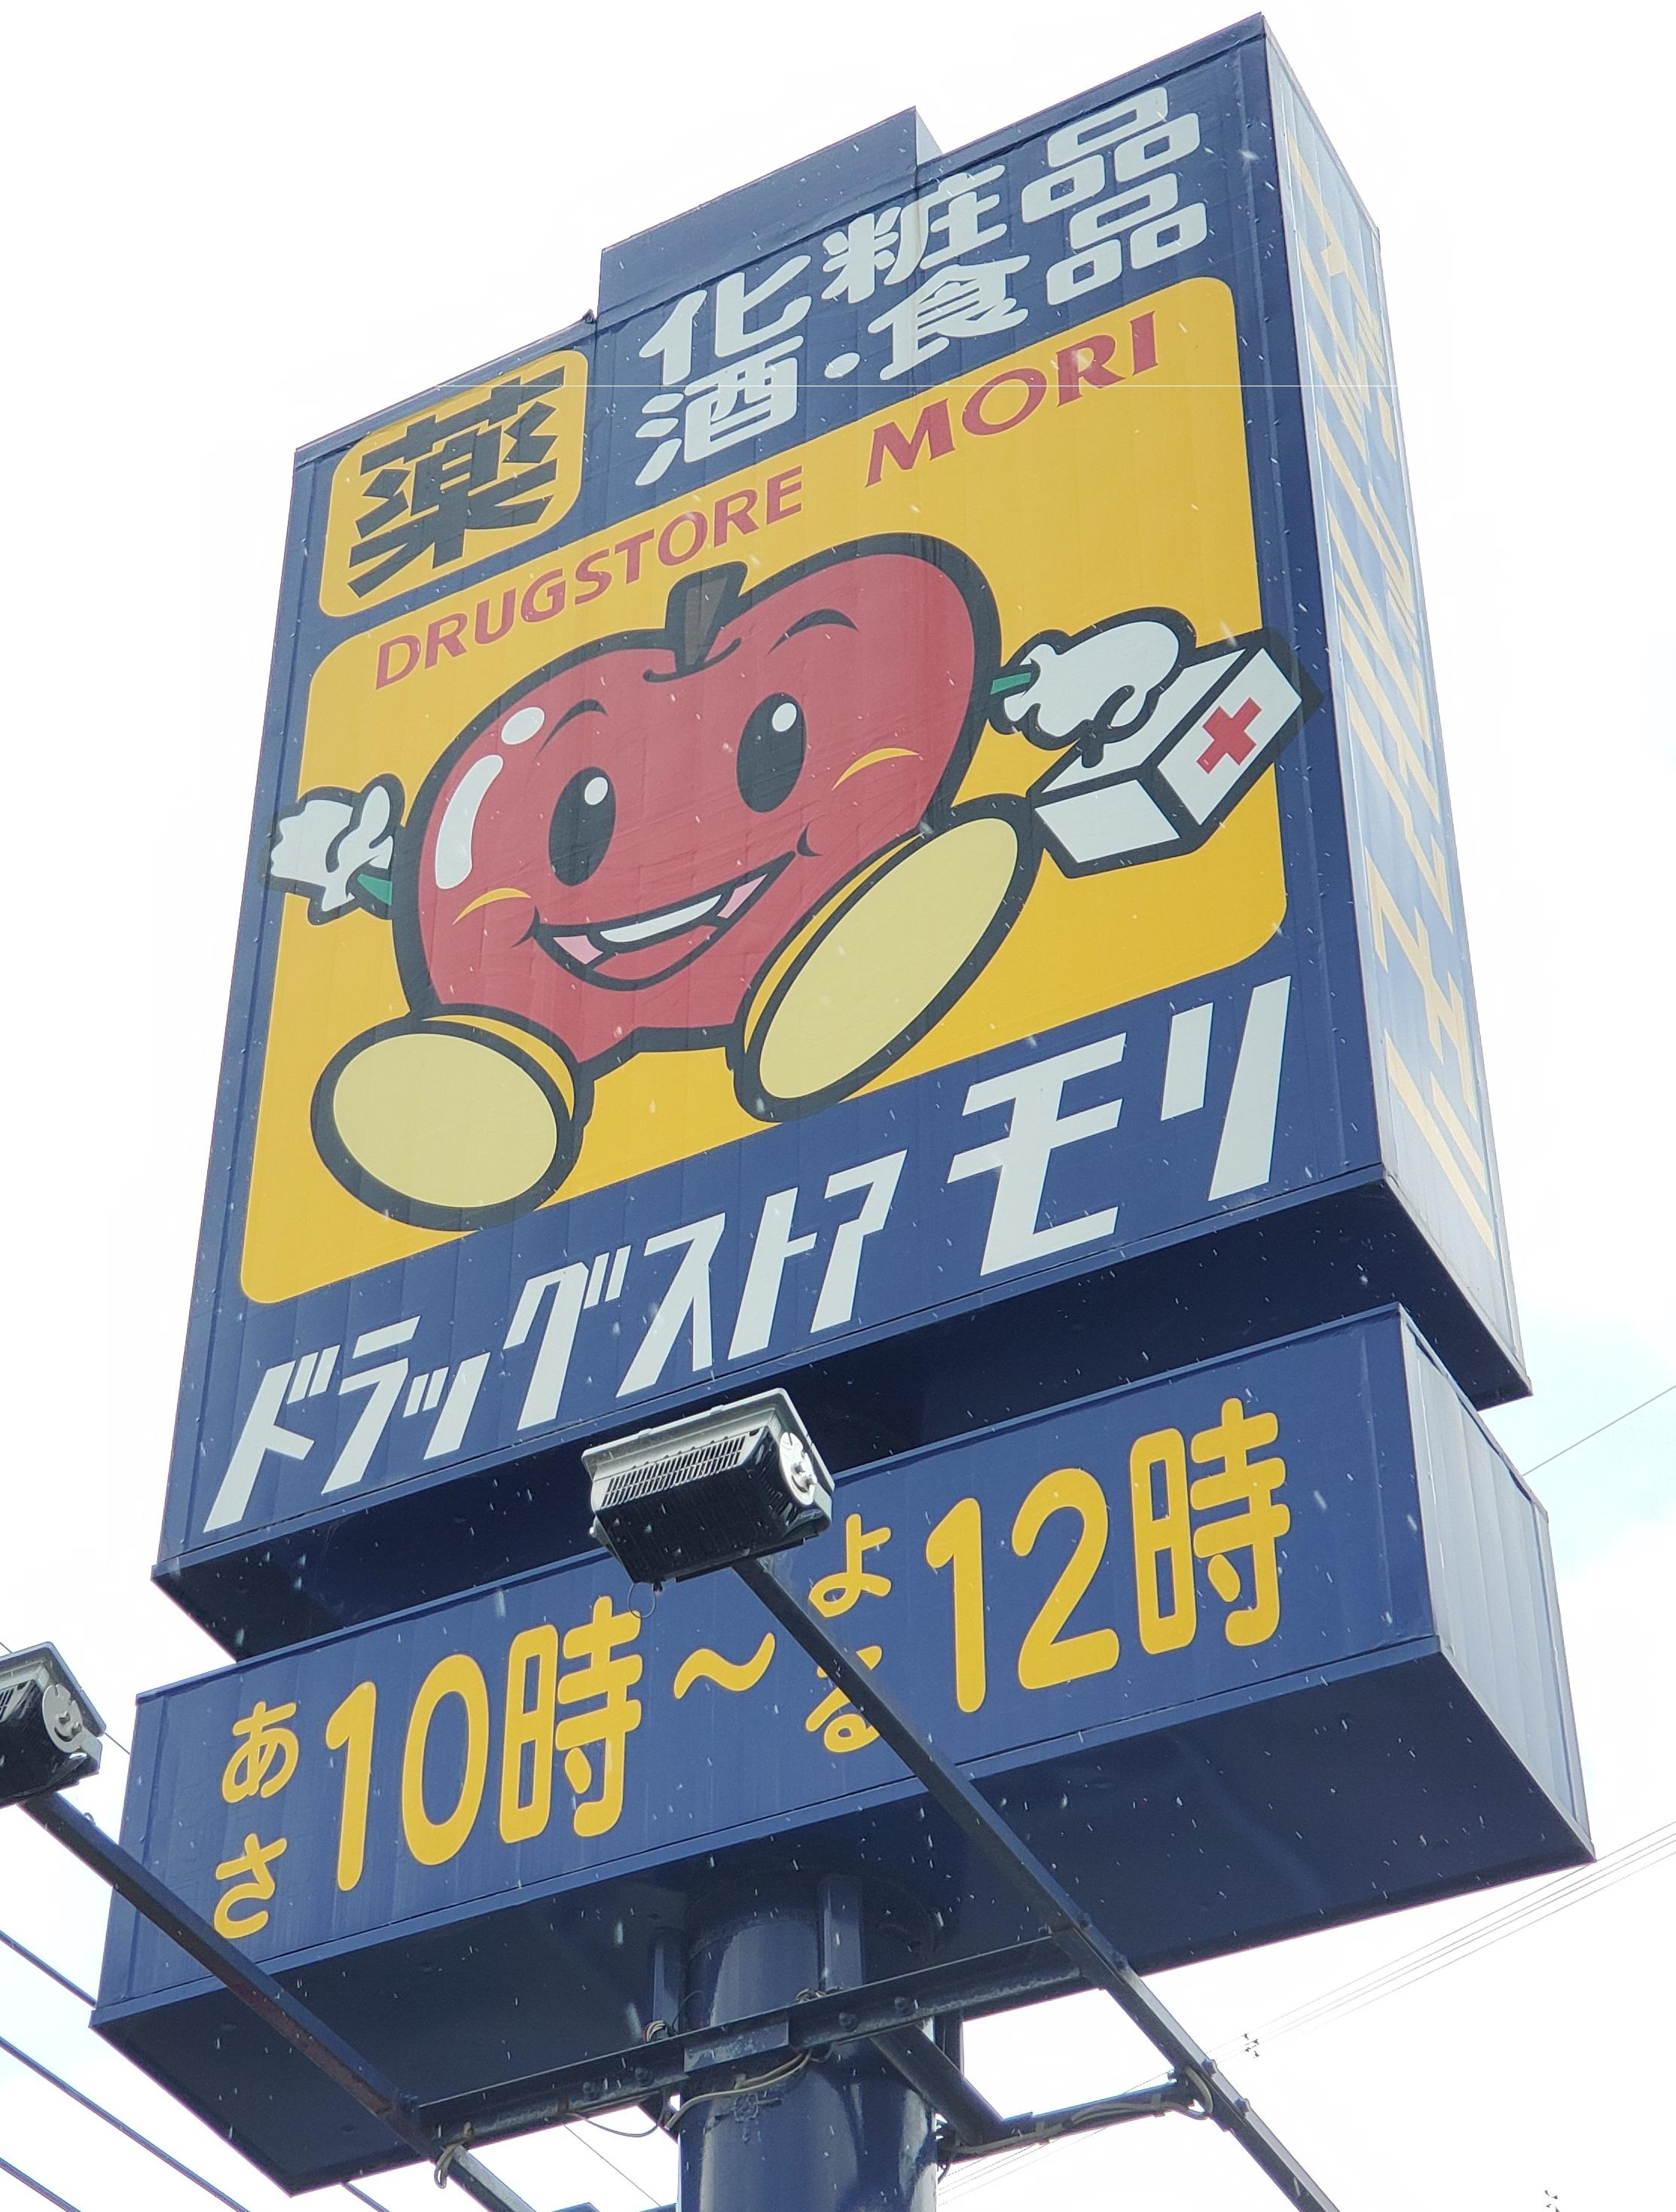 ドラッグストア:DRUG STORE MORI(ドラッグストアモリ) 筑紫野店調剤薬局 502m